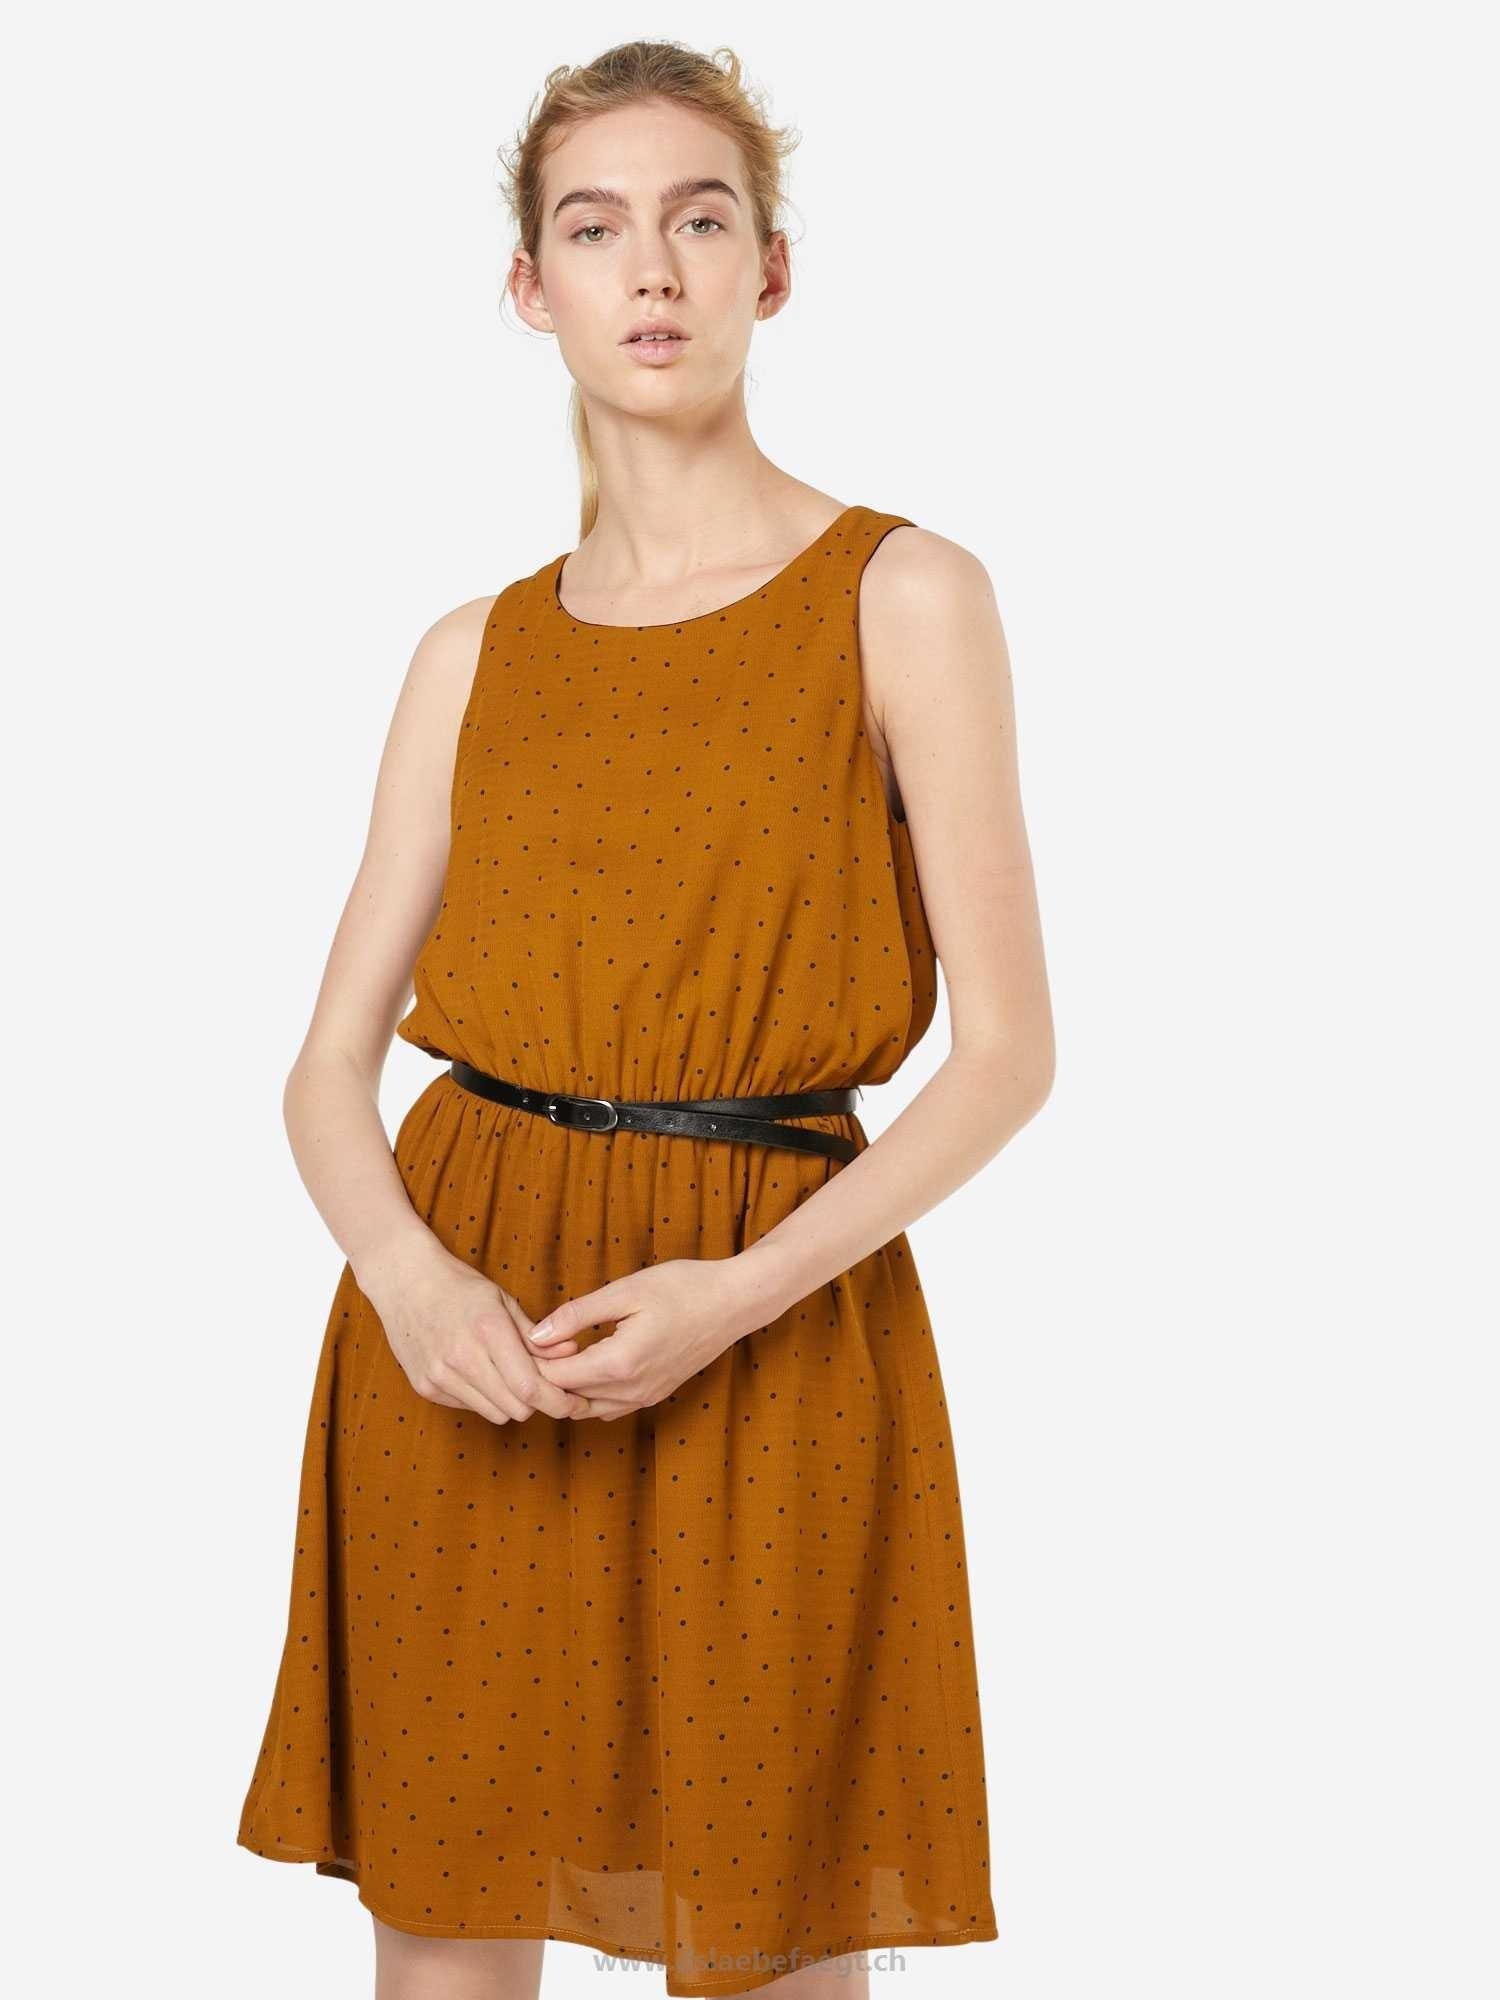 Abend Leicht Damenkleider Gr 5 Design - Abendkleid